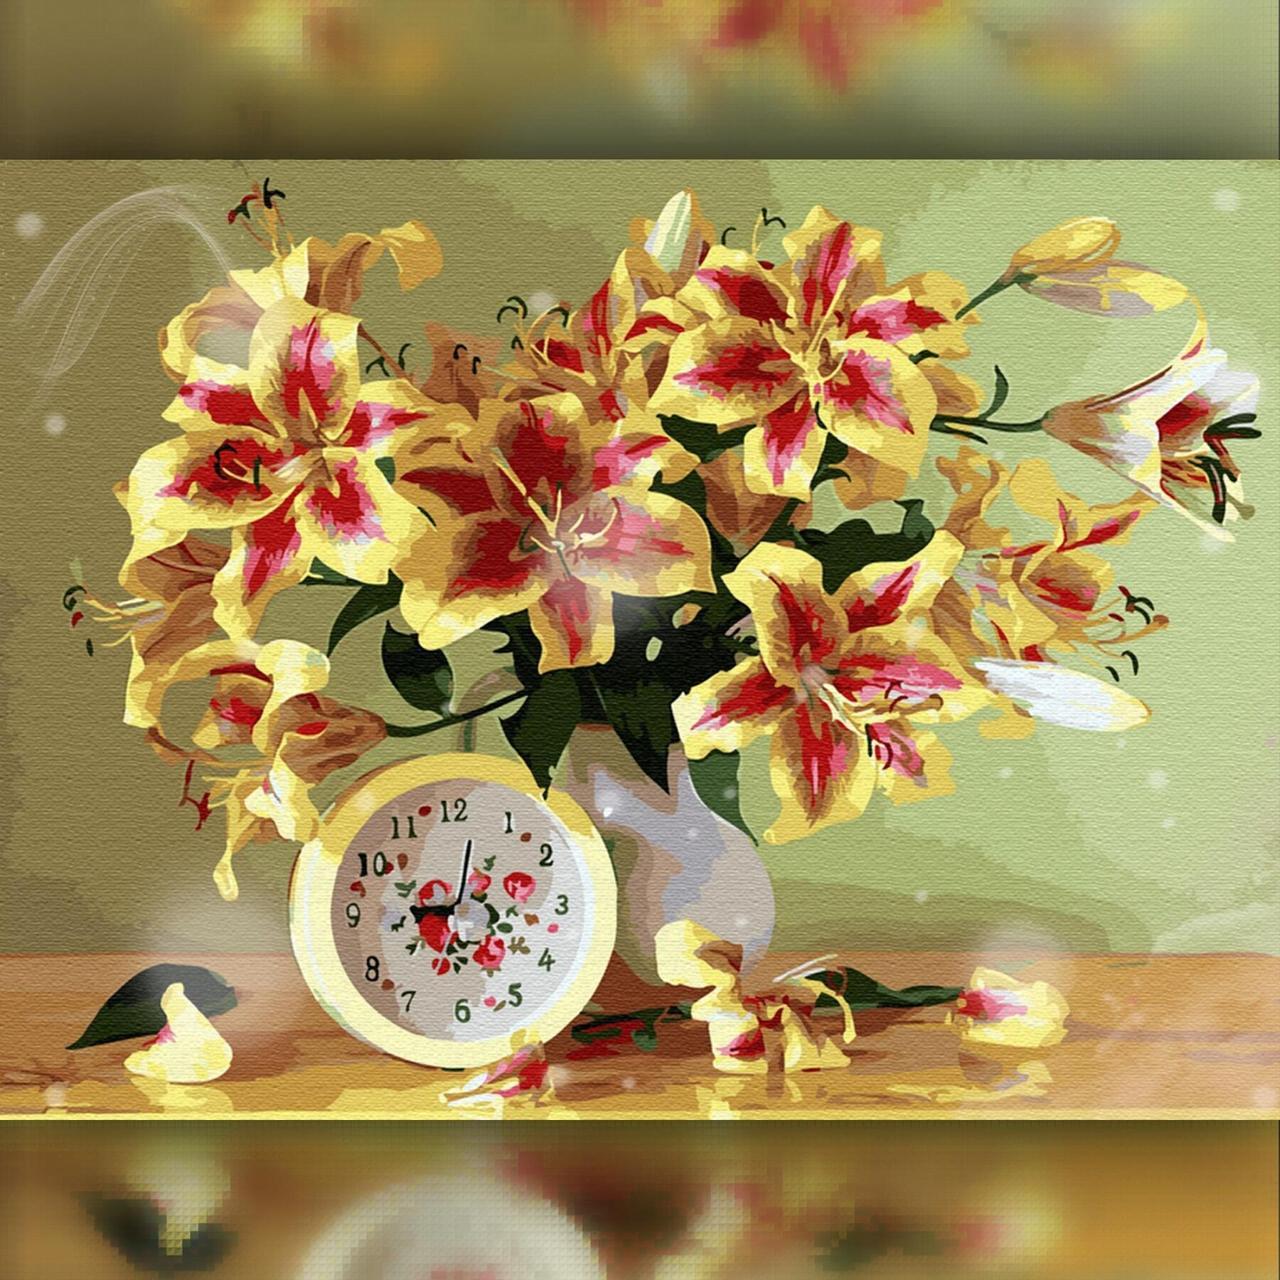 TWD10080 Набор алмазной вышивки Яркие лилии в вазе, 30х40 см